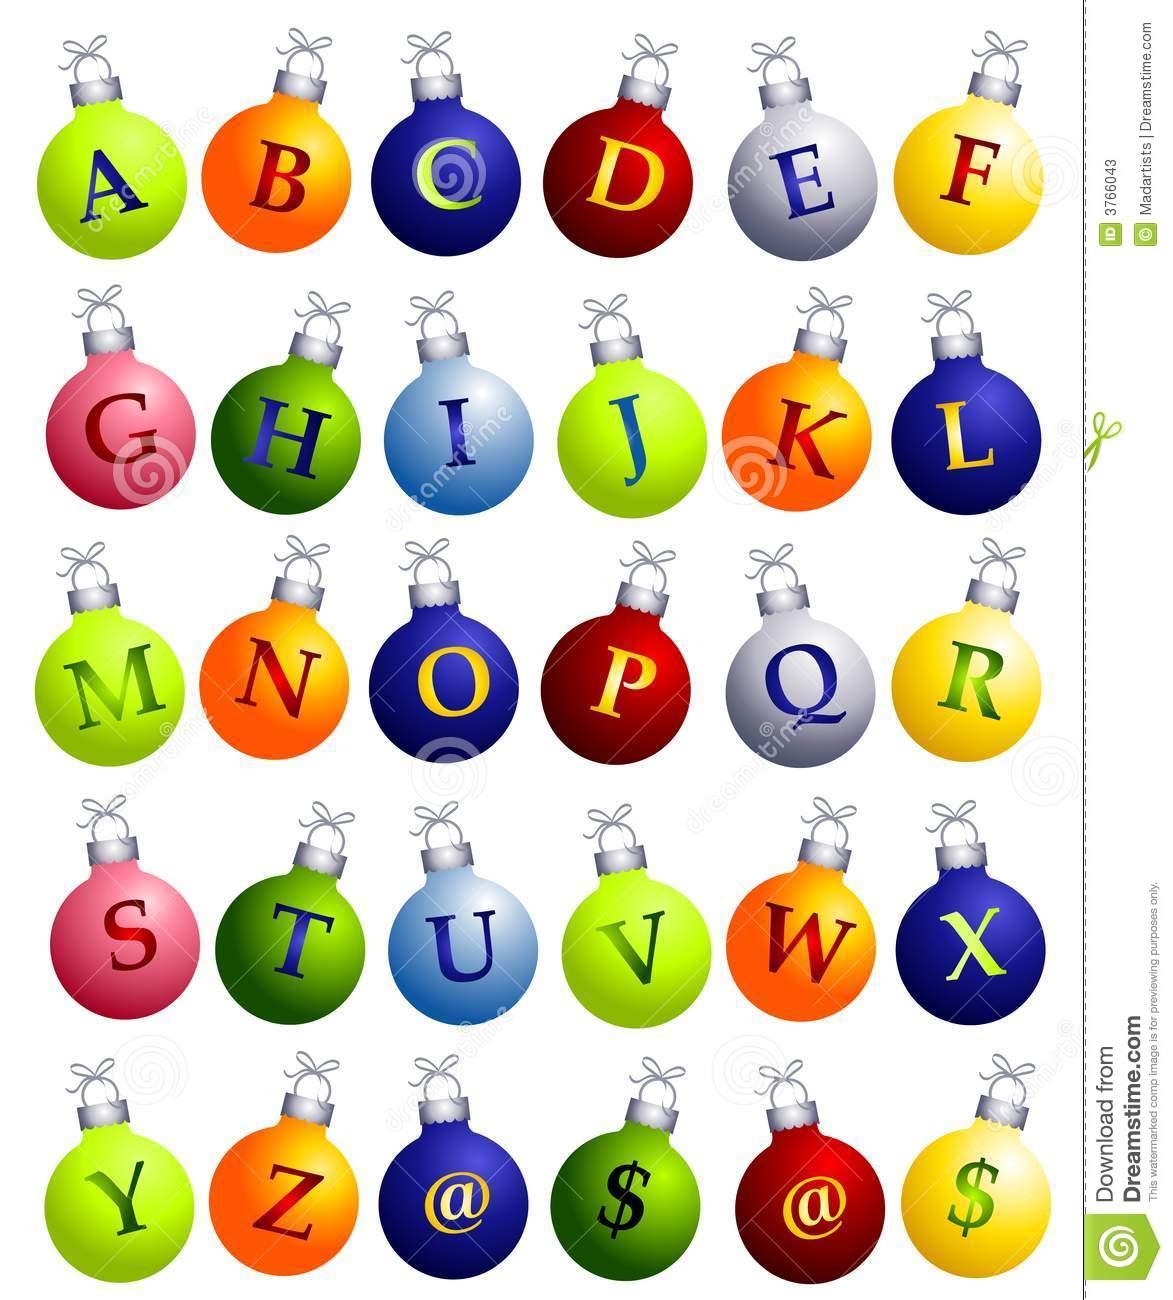 Christmas alphabet clipart letters clip art free Christmas alphabet clipart letters - ClipartFest clip art free